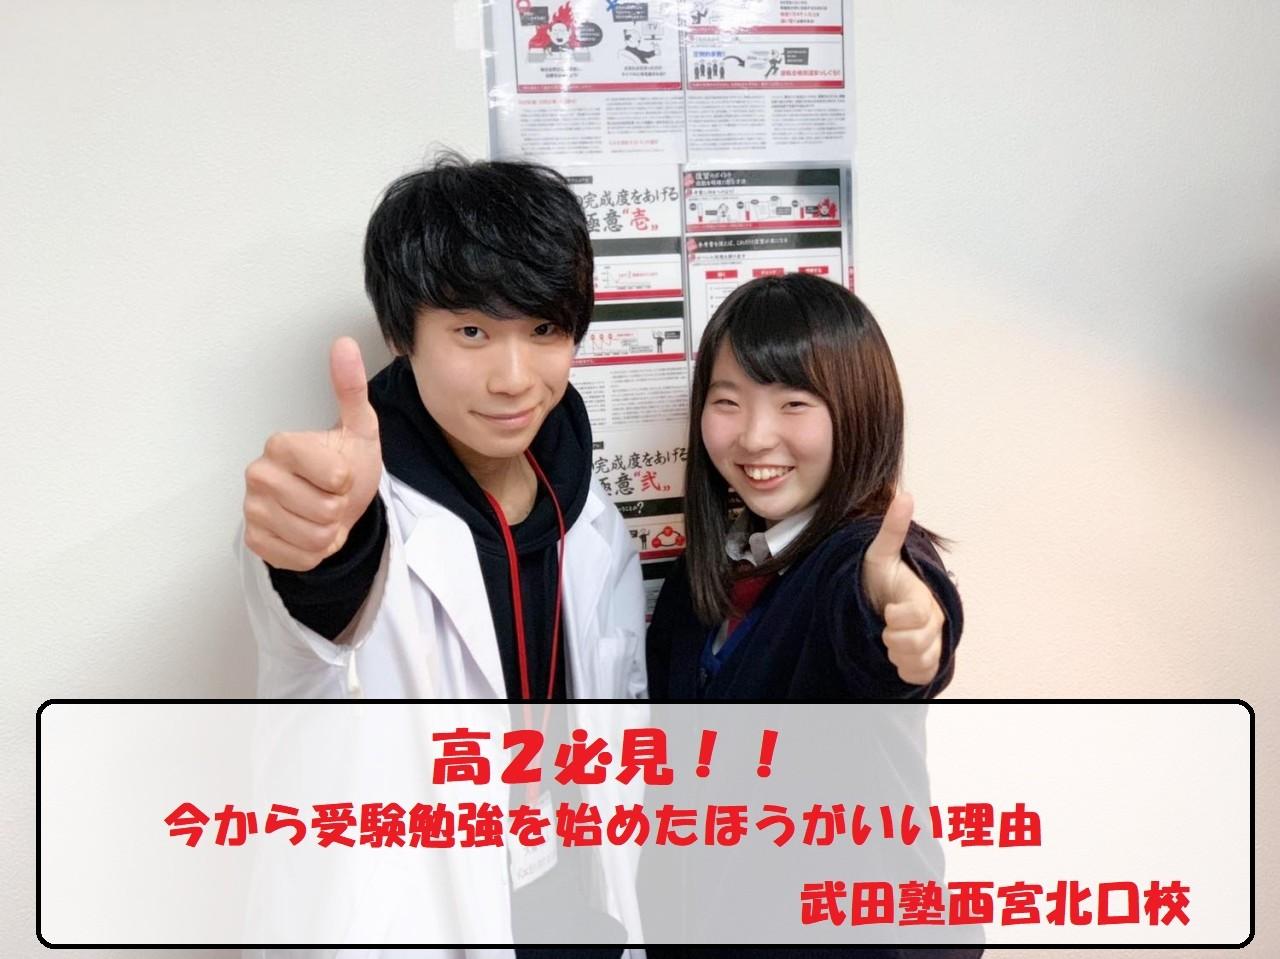 武田塾西宮北口 合格 予備校 高2 個別指導 大学受験 現役 基礎